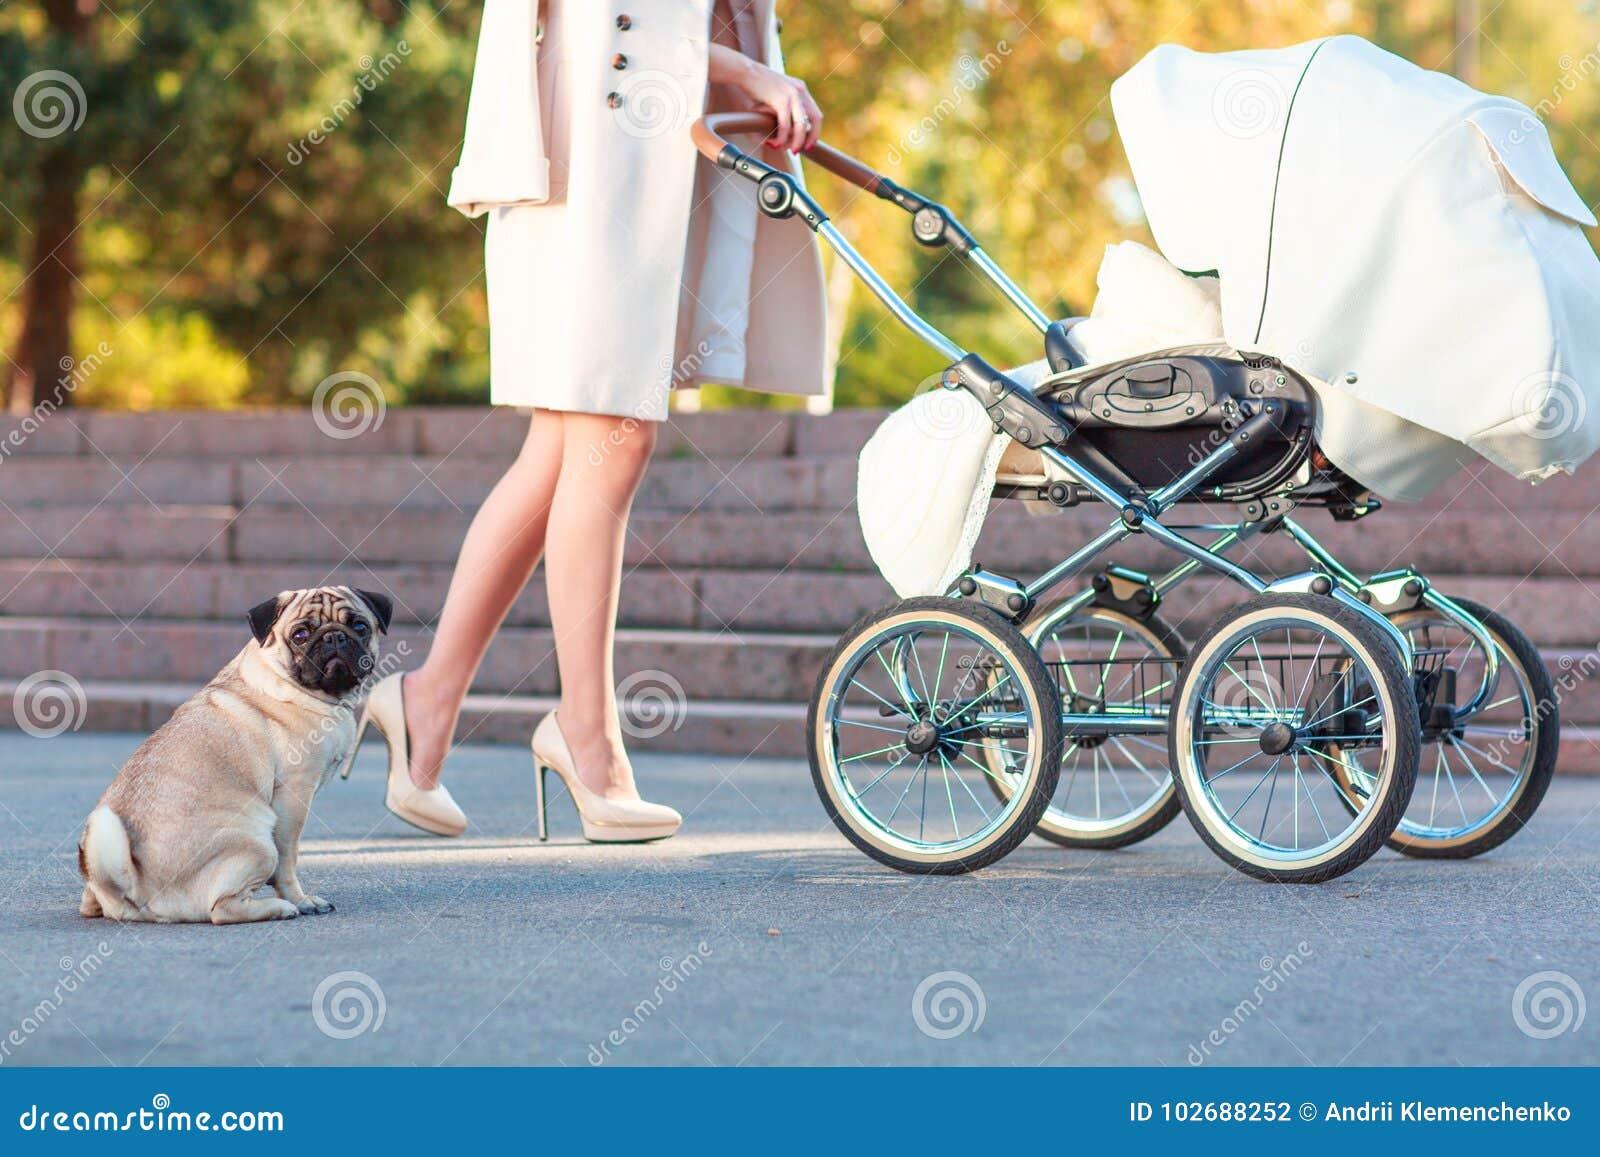 Ένα κορίτσι κυλά μια αναπηρική καρέκλα και ένα σκυλί κάθεται δίπλα σε την έξω